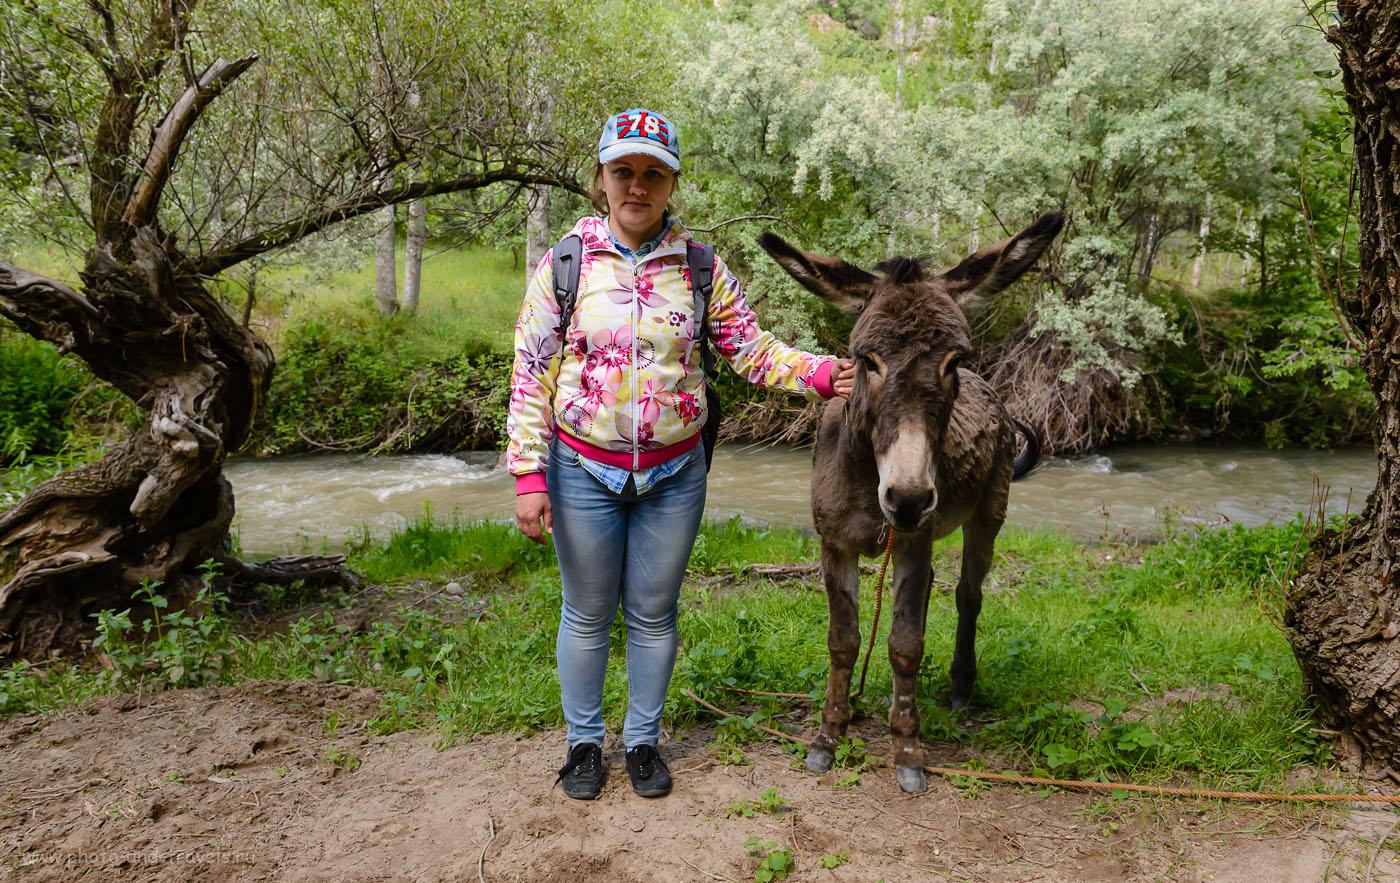 Снимок 14. Катя и её друг ослик. Как мы путешествовали по Турции самостоятельно. Прогулка по долине Ихлара в Каппадокии. 1/320, -0.33, 6.3, 1000, 24.